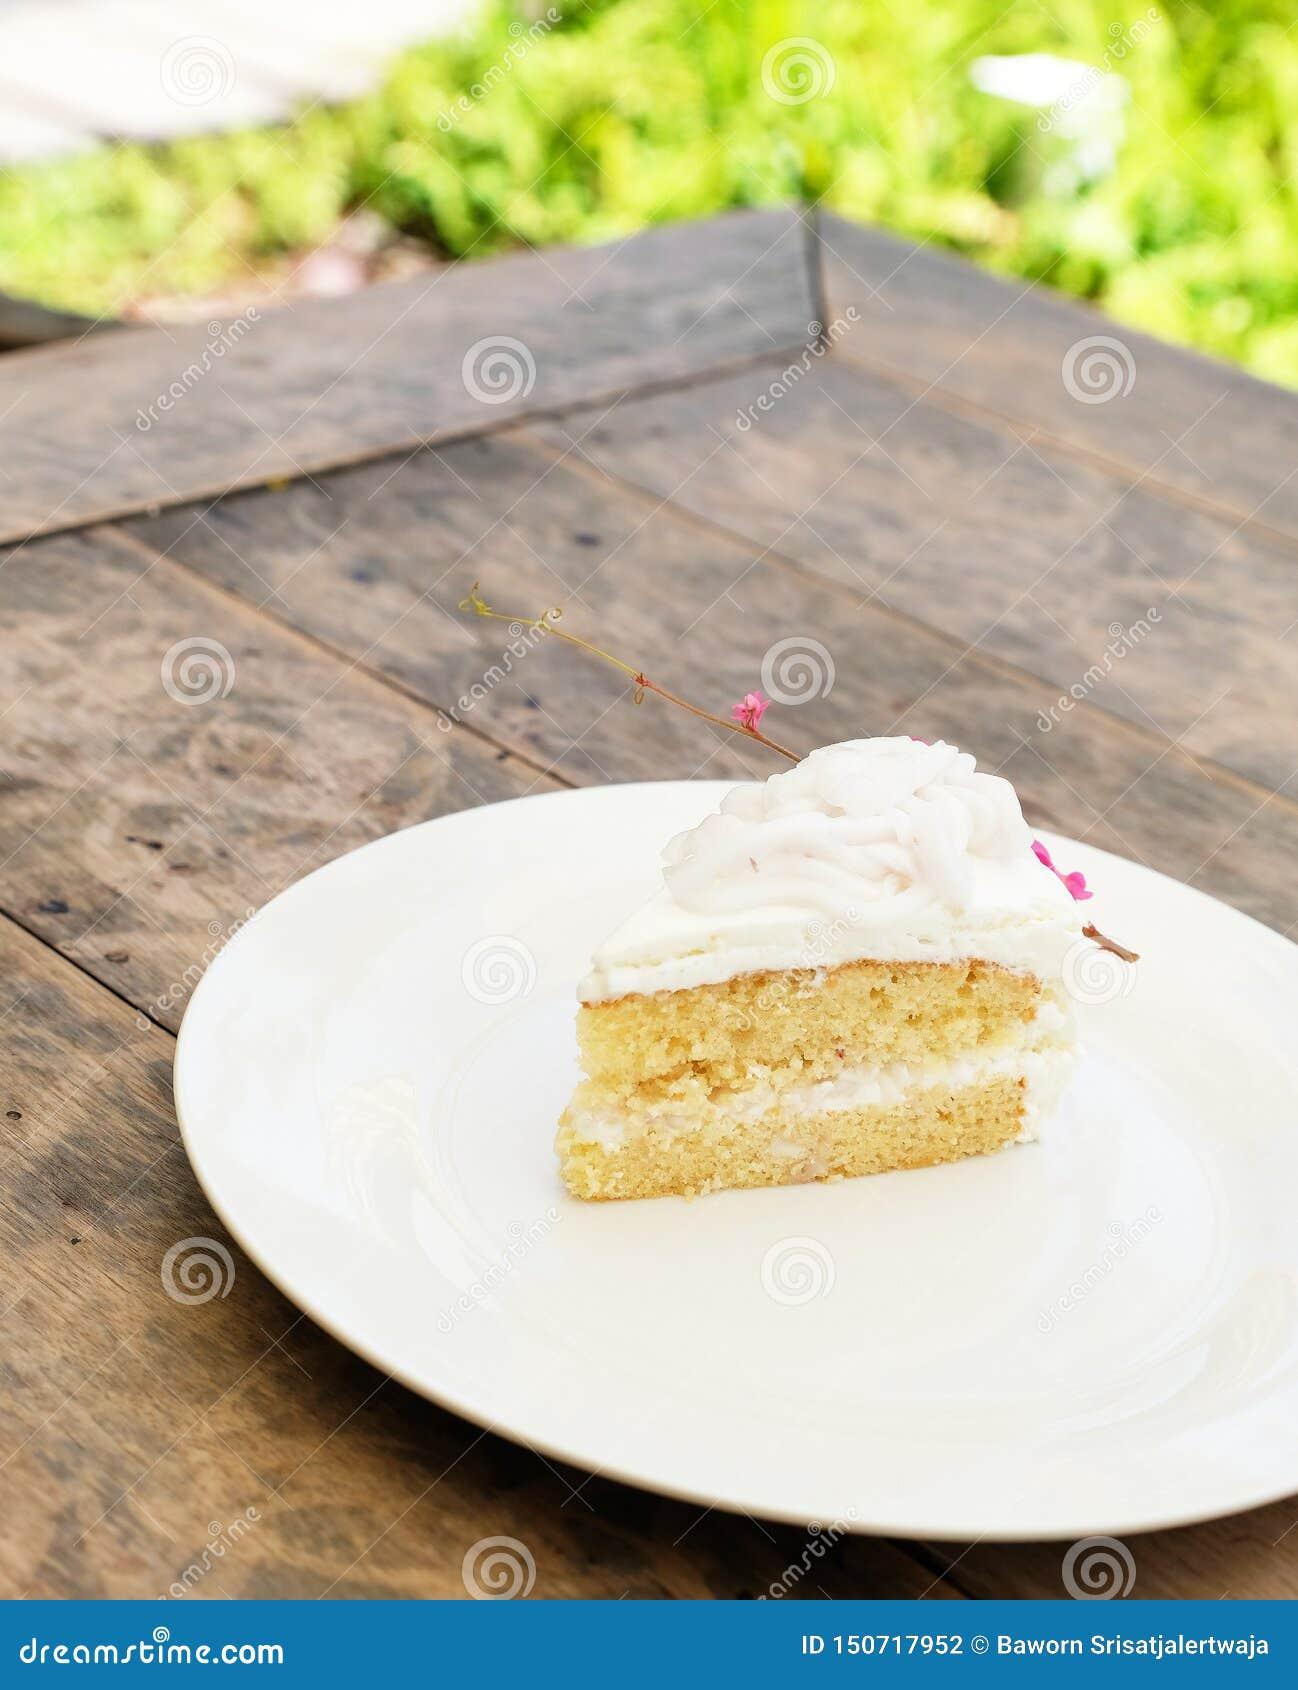 Bolo de coco no prato branco